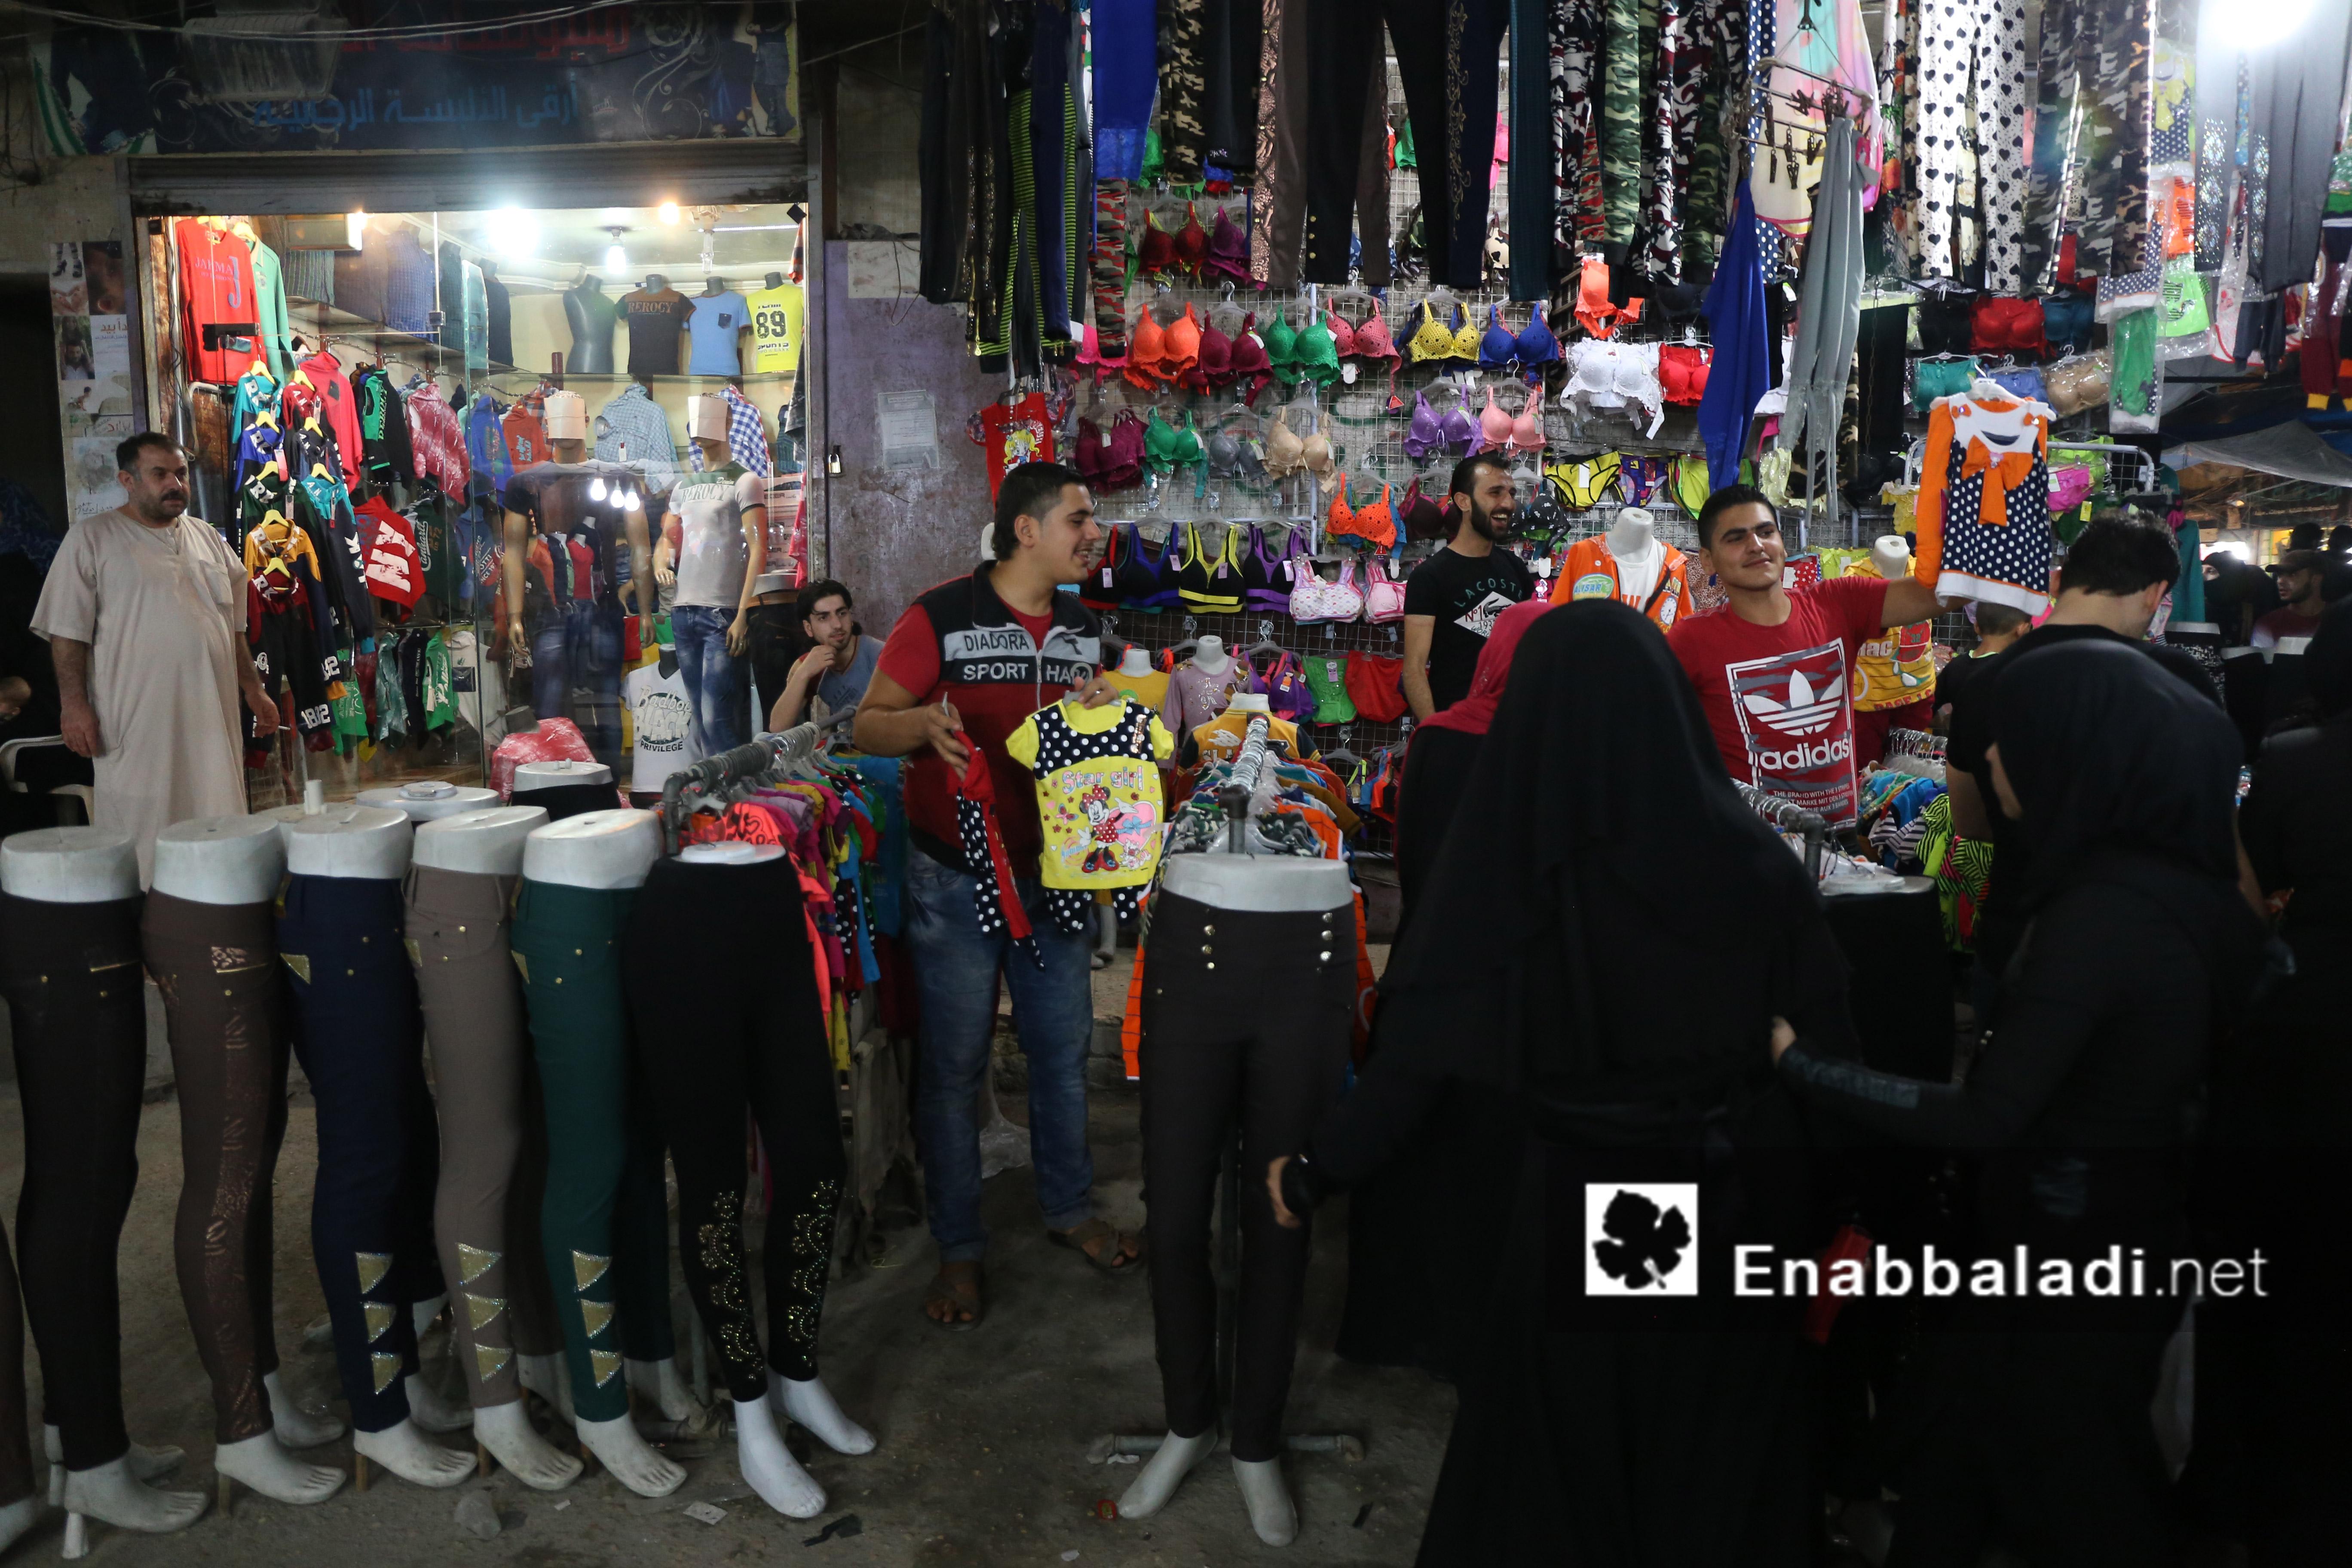 سيدات أمام متجر للألبسة النسائية في أحد أسواق حلب - 4 تموز 2016 (عنب بلدي)